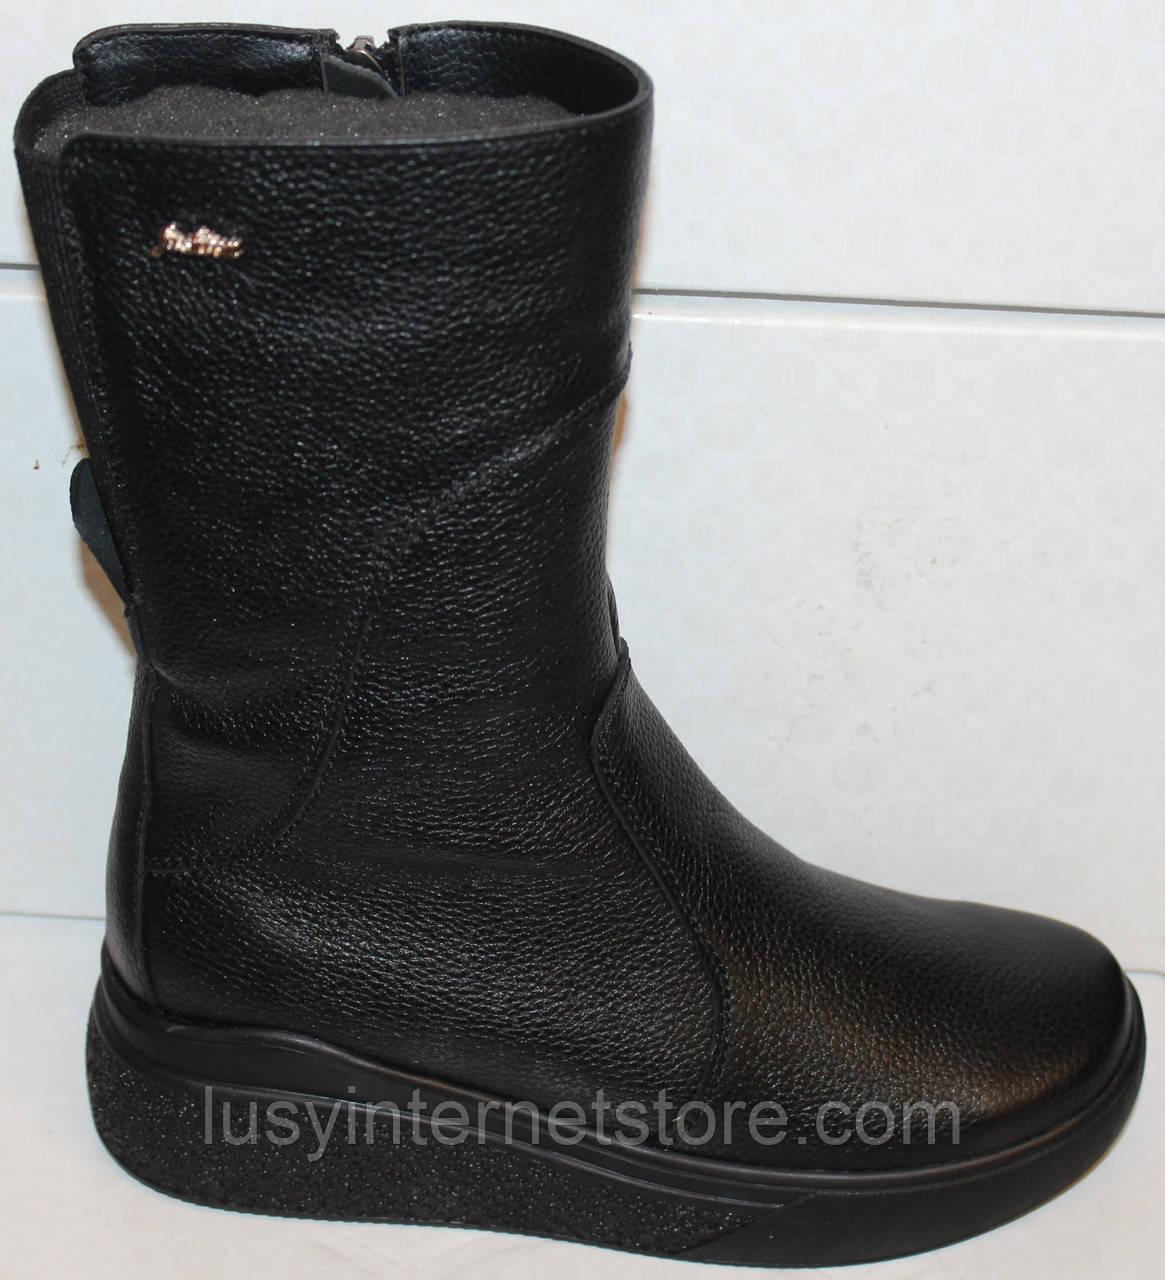 Сапоги черные женские зимние кожаные от производителя модель БМ301-2